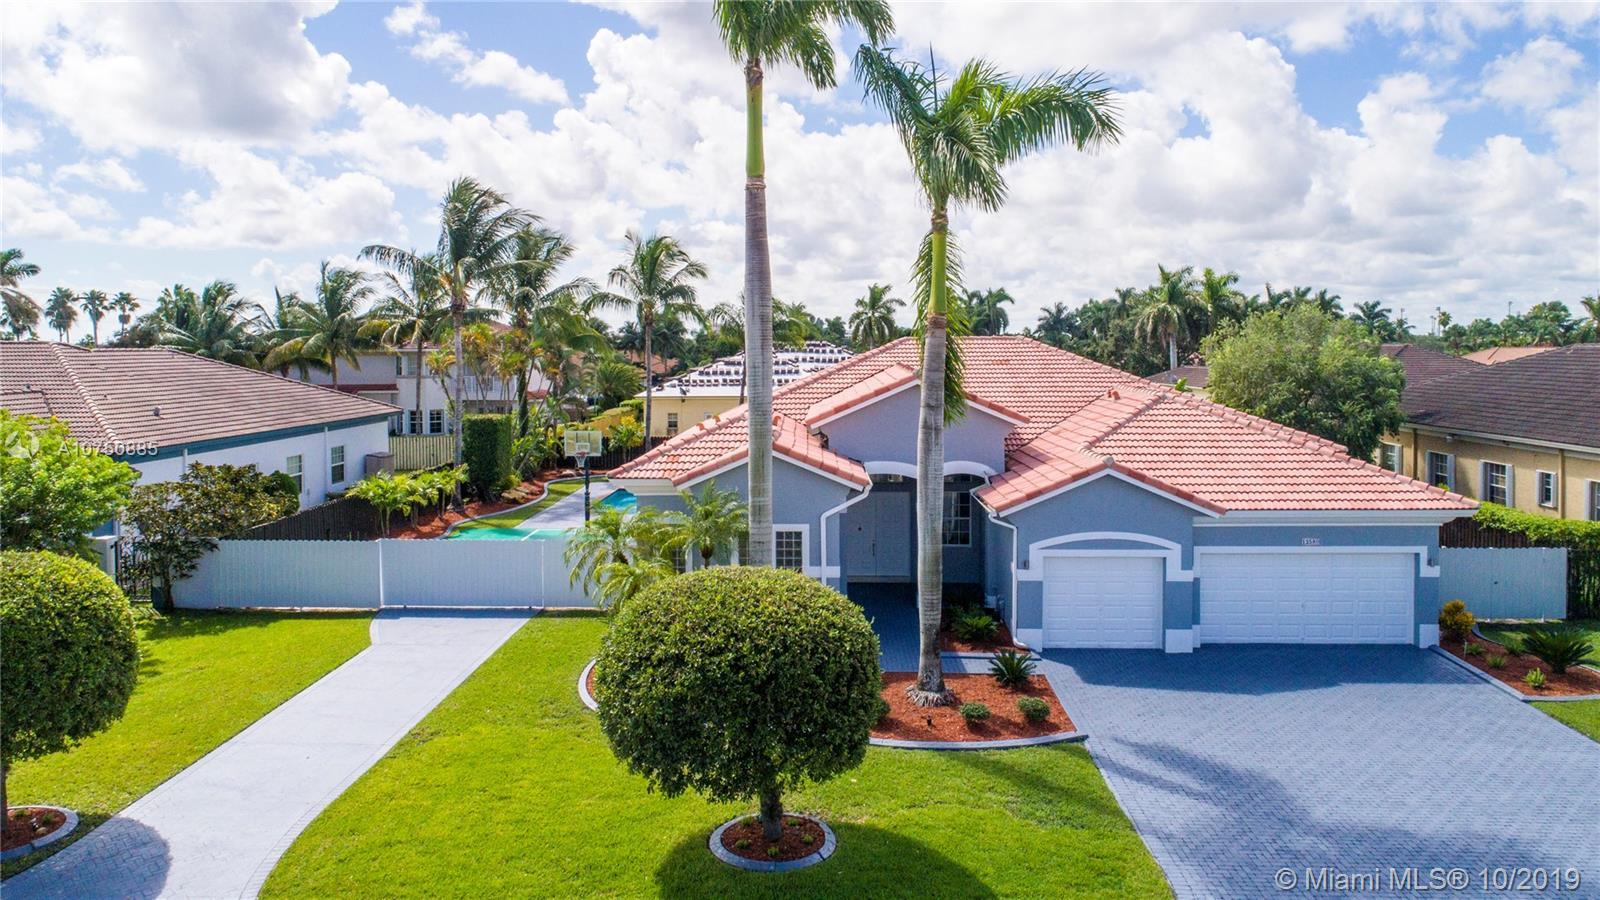 12580 SW 76th St, Miami, FL 33183